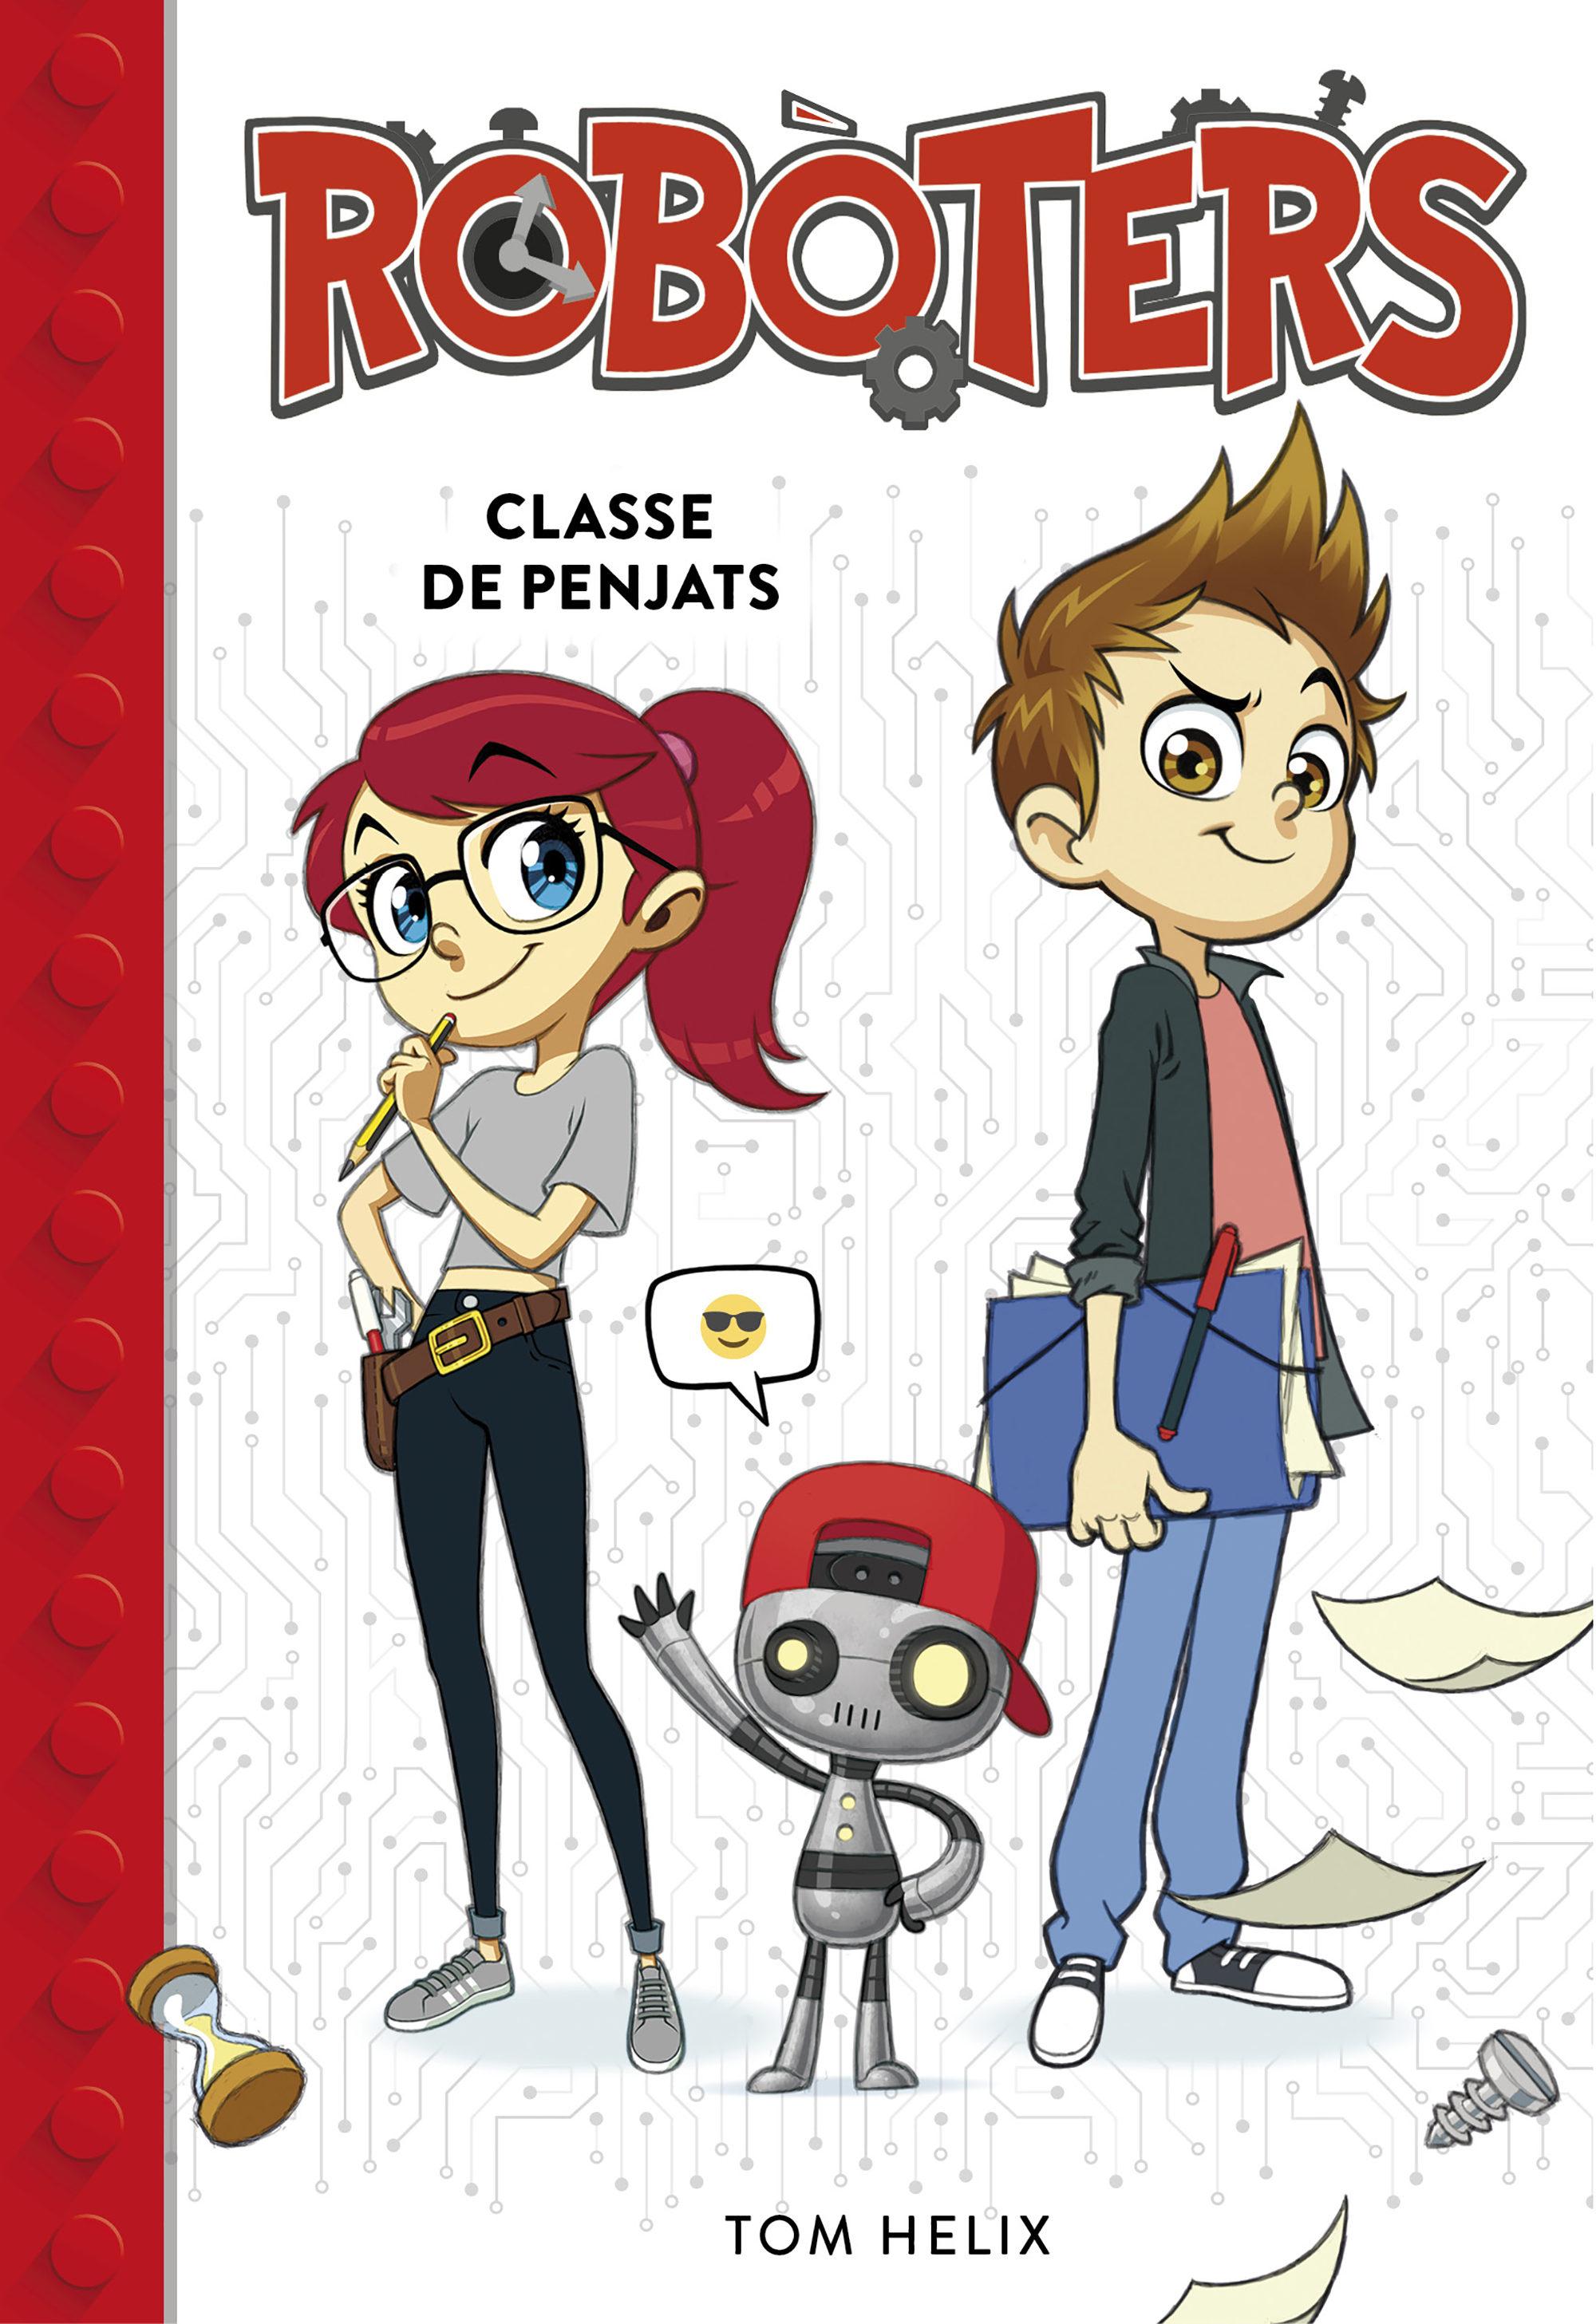 Penjatssèrie De De Penjatssèrie Penjatssèrie Classe Classe 1ebook De Robòters Robòters Classe 1ebook 2WEHY9DI